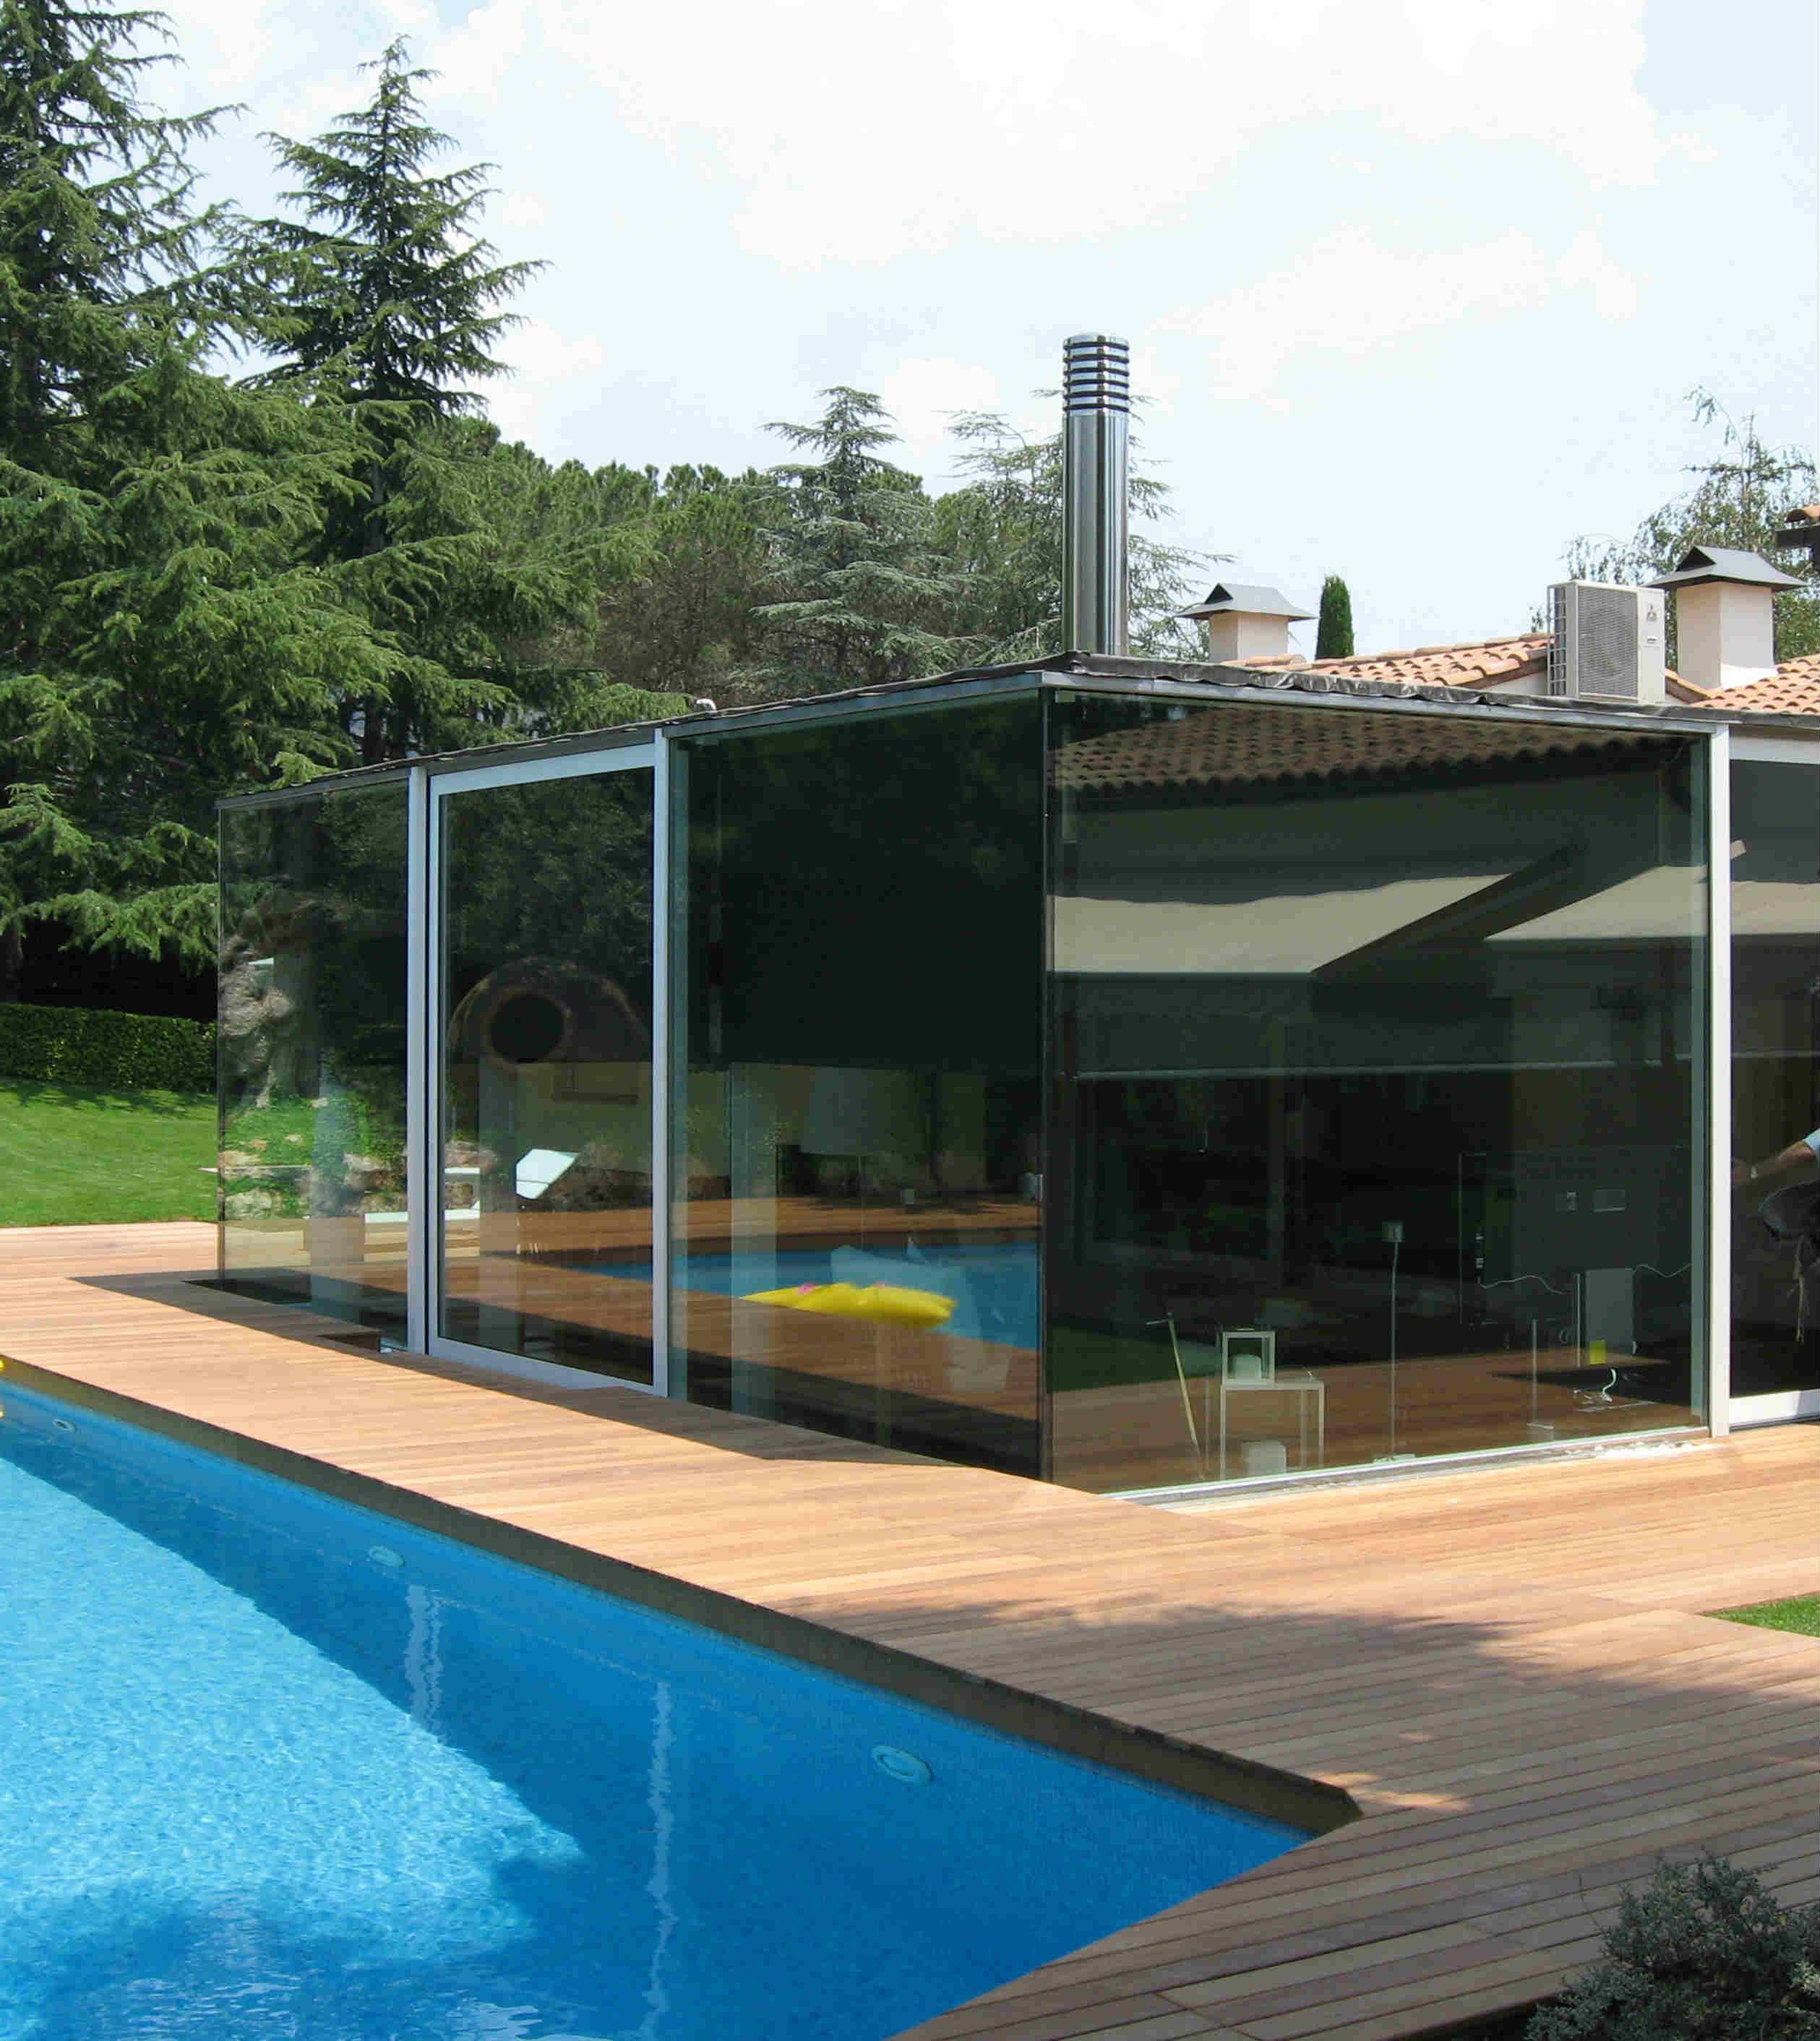 Estructuras de aluminio para terrazas trendy de terraza for Estructura de aluminio para toldo